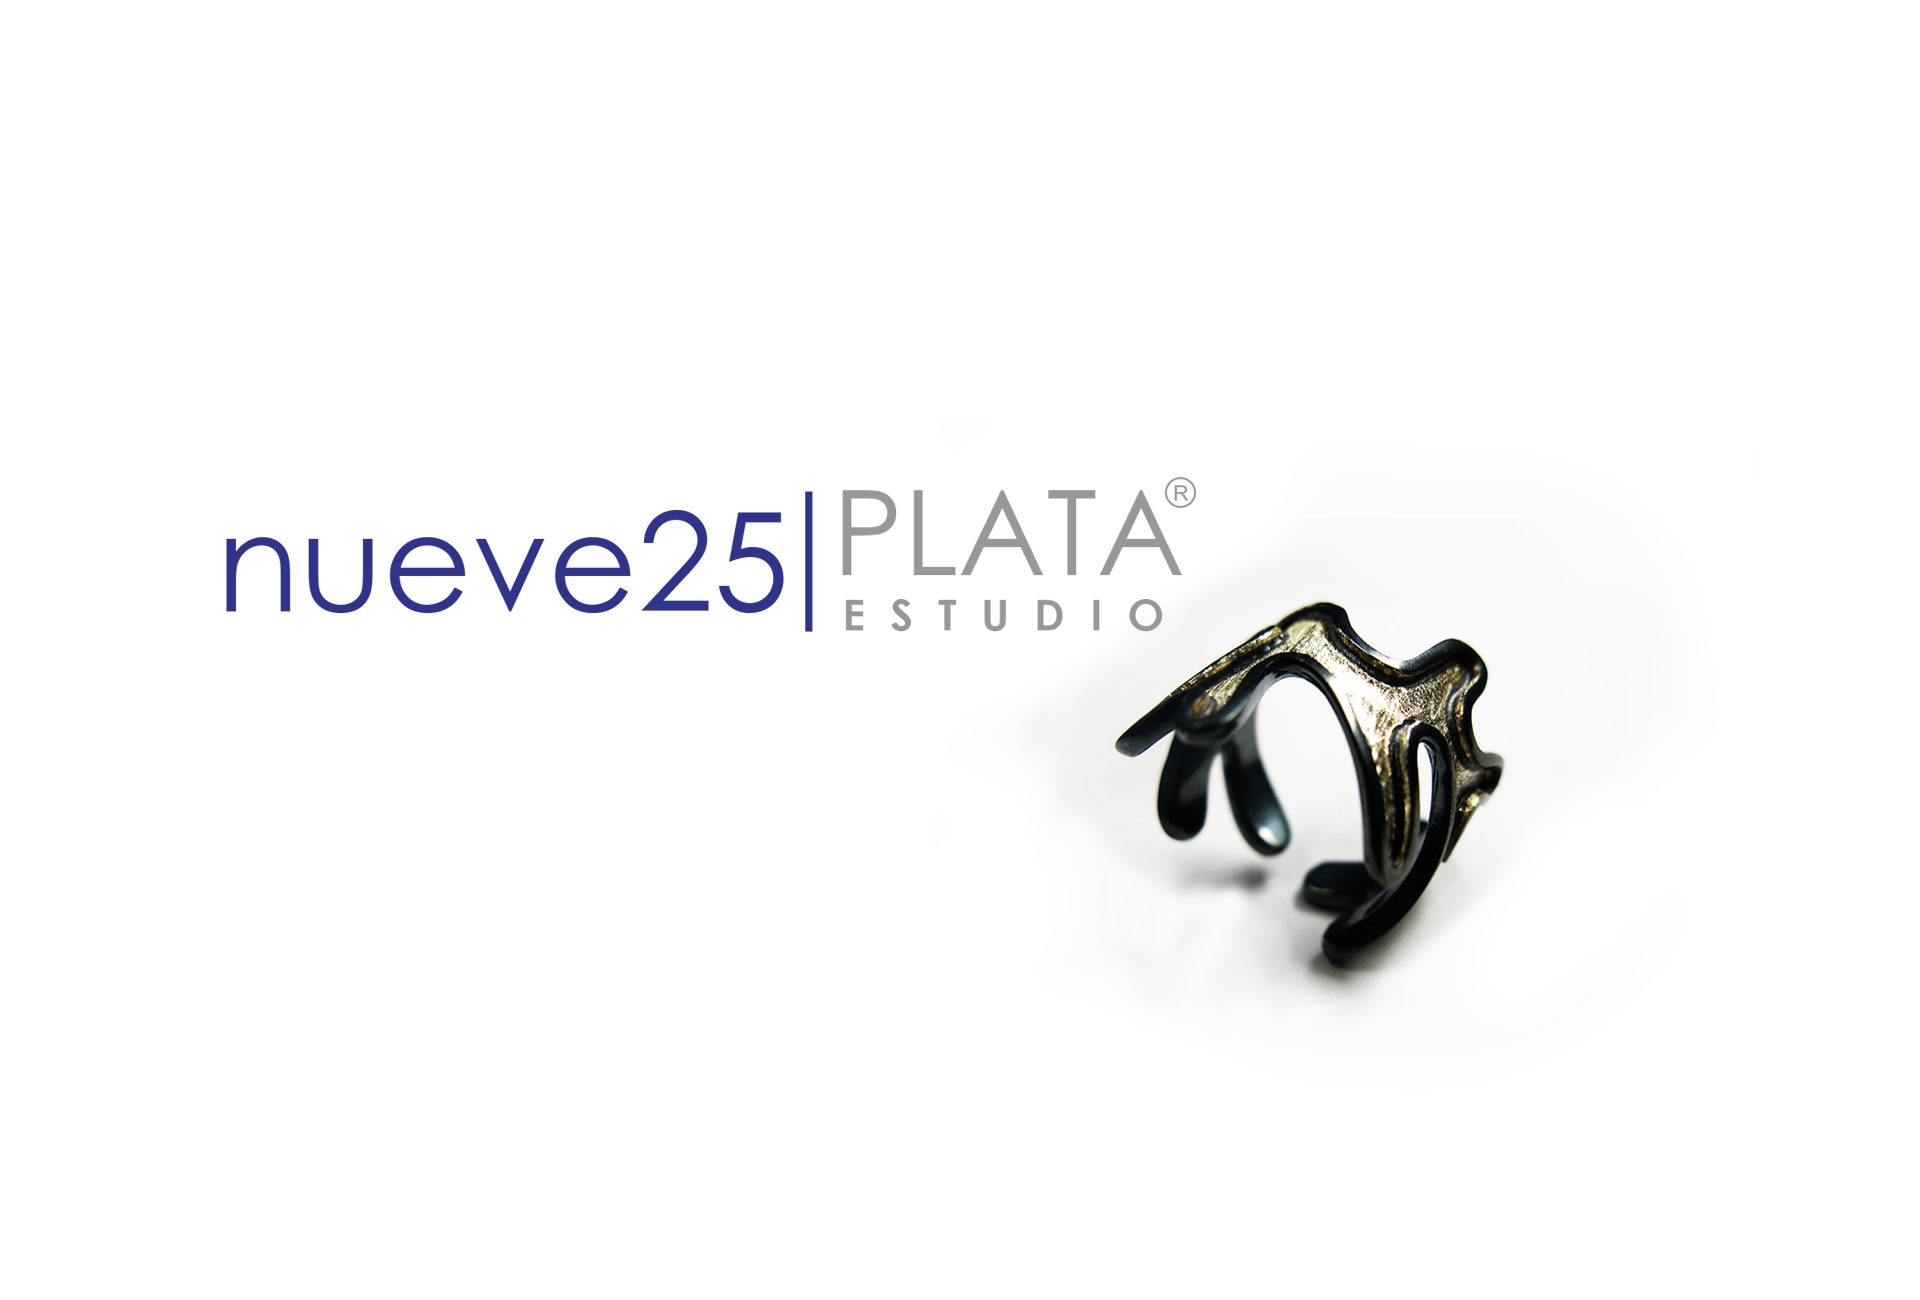 nueve25_slider0